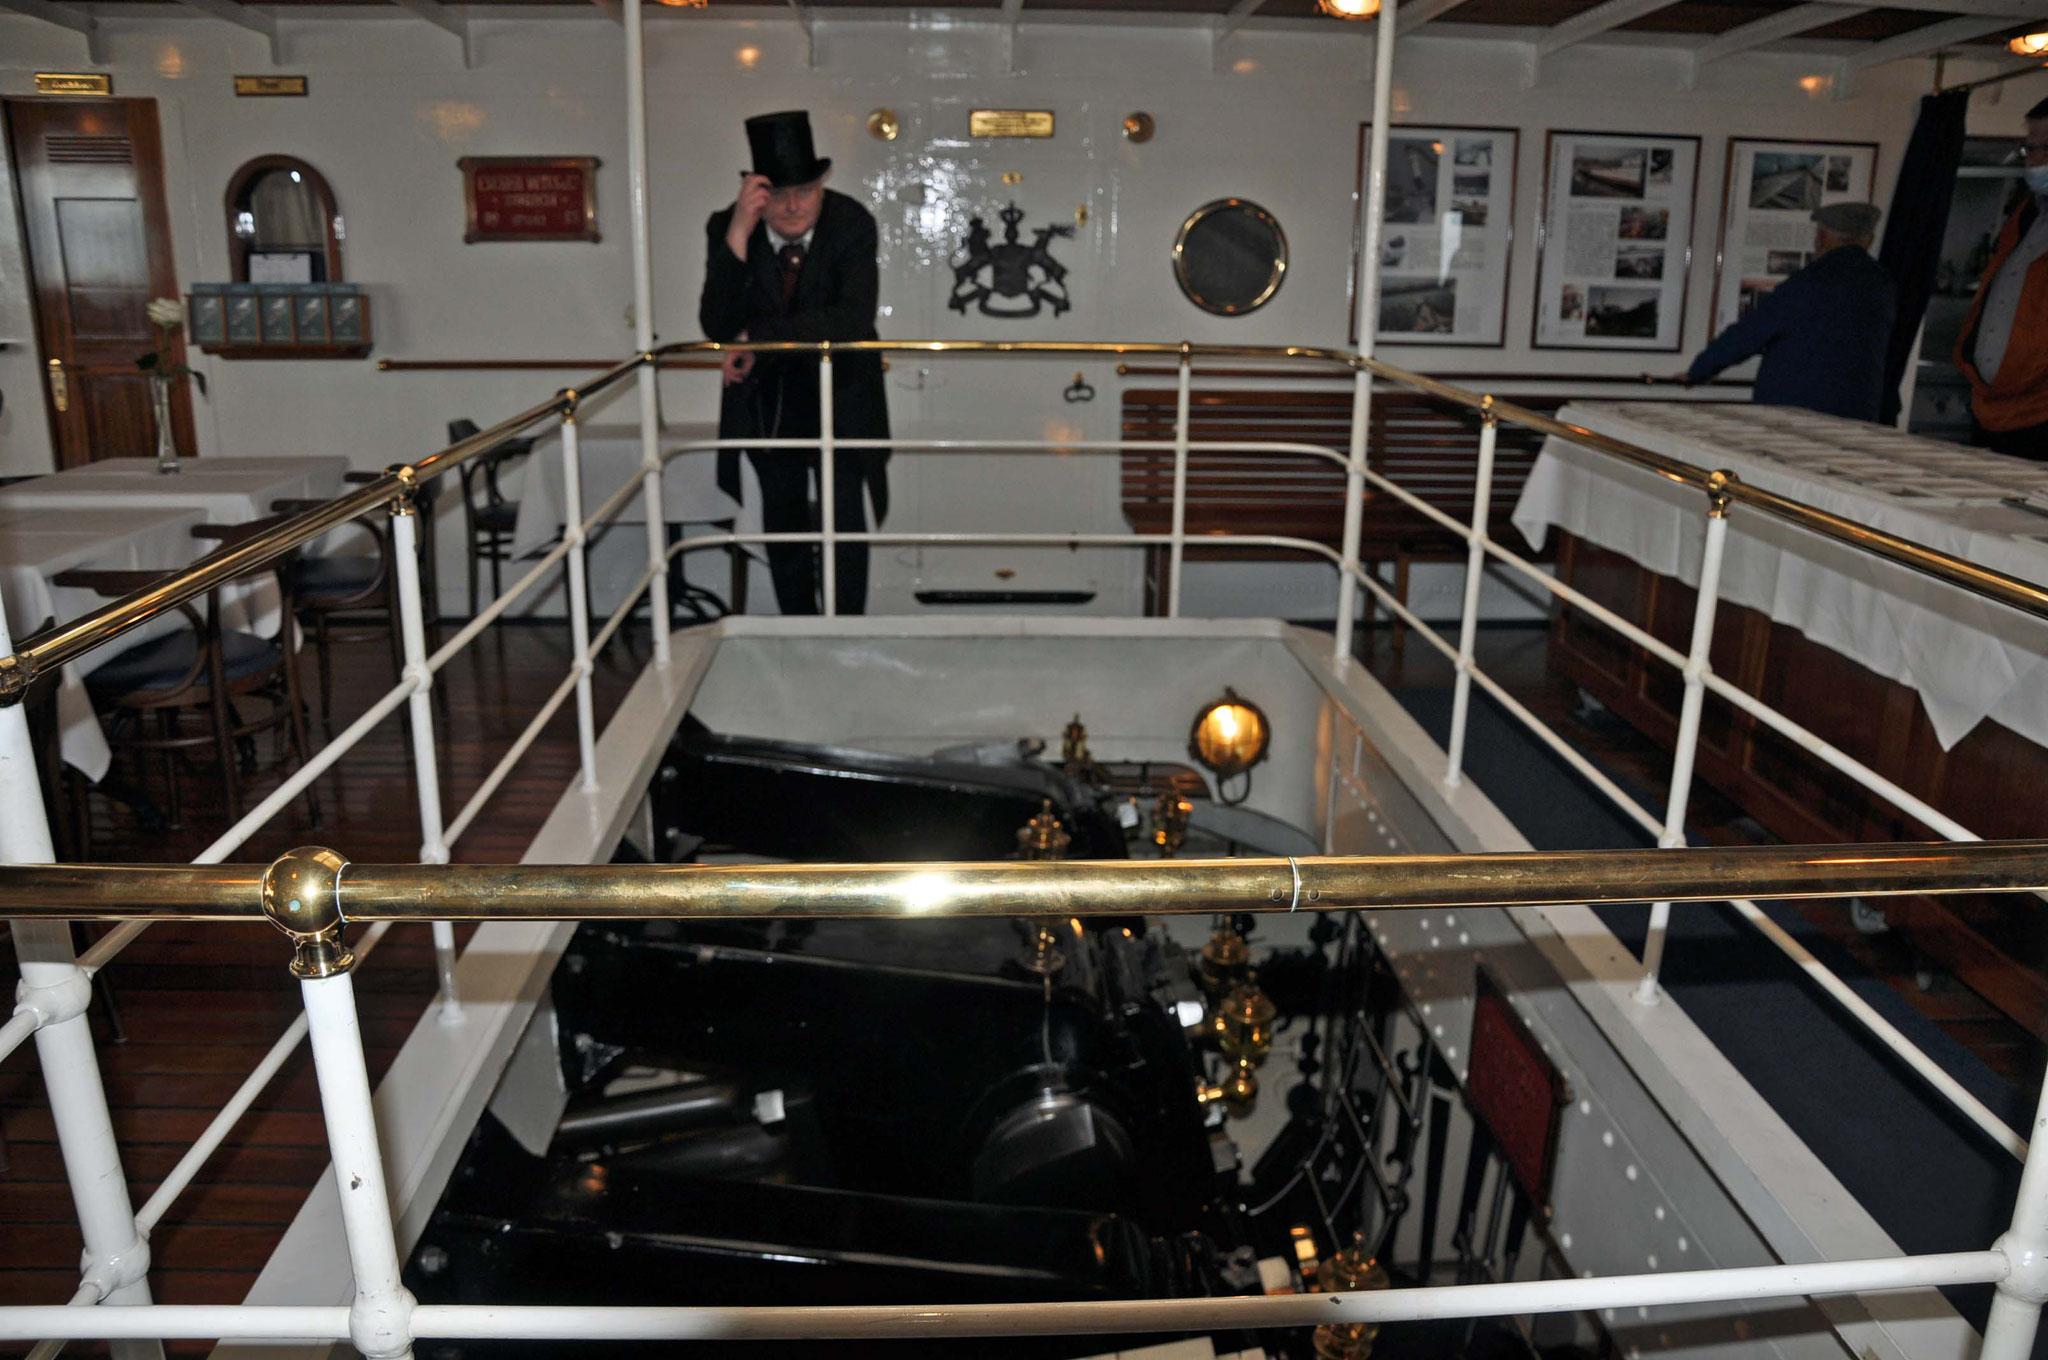 der Maschinenraum, den man von oben einsehen konnte